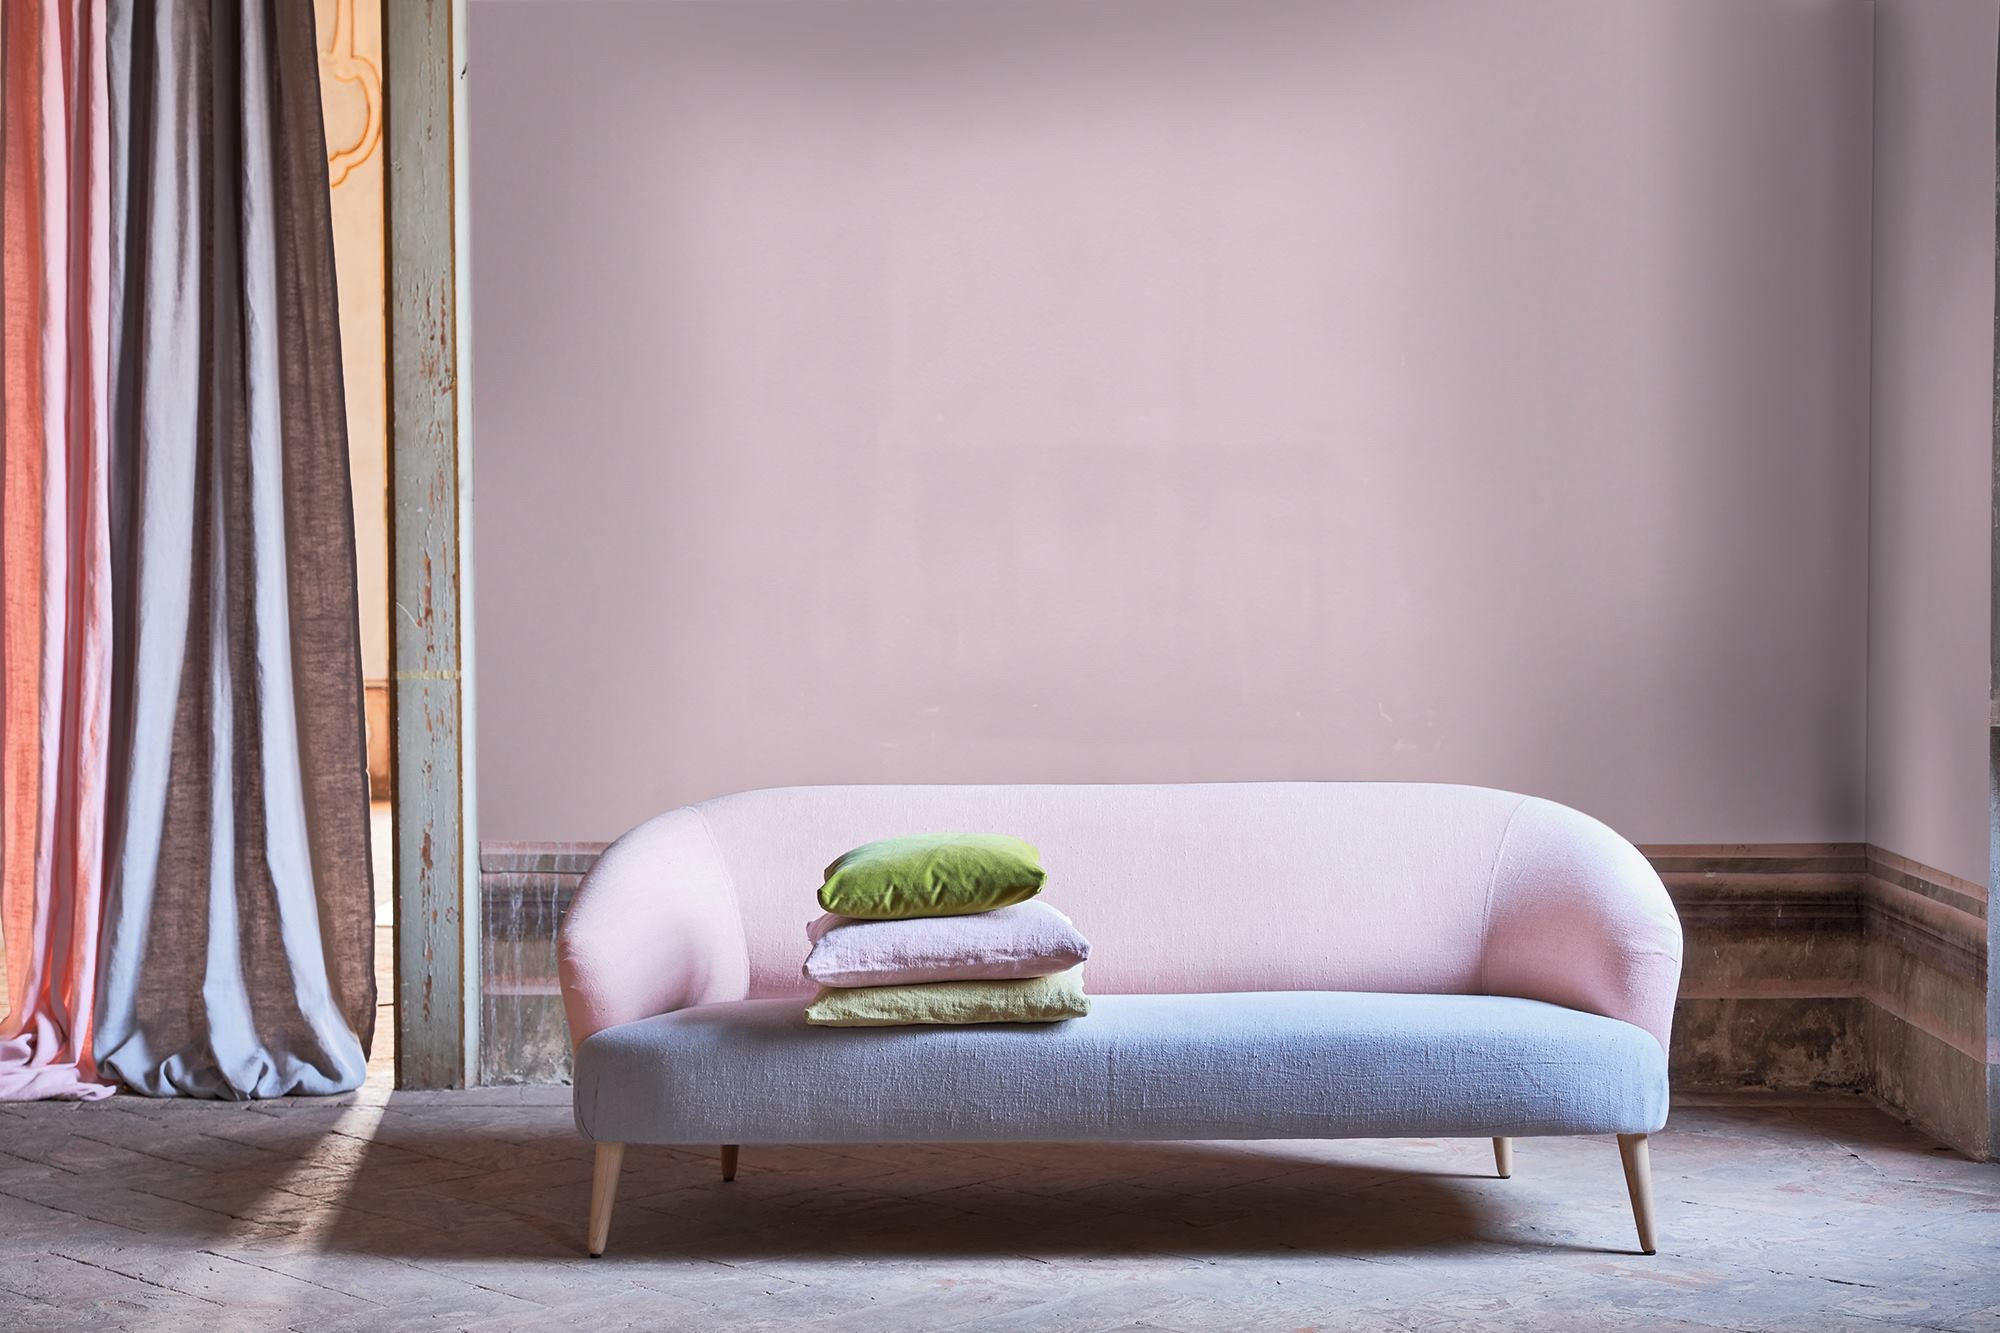 sofa 400.jpg